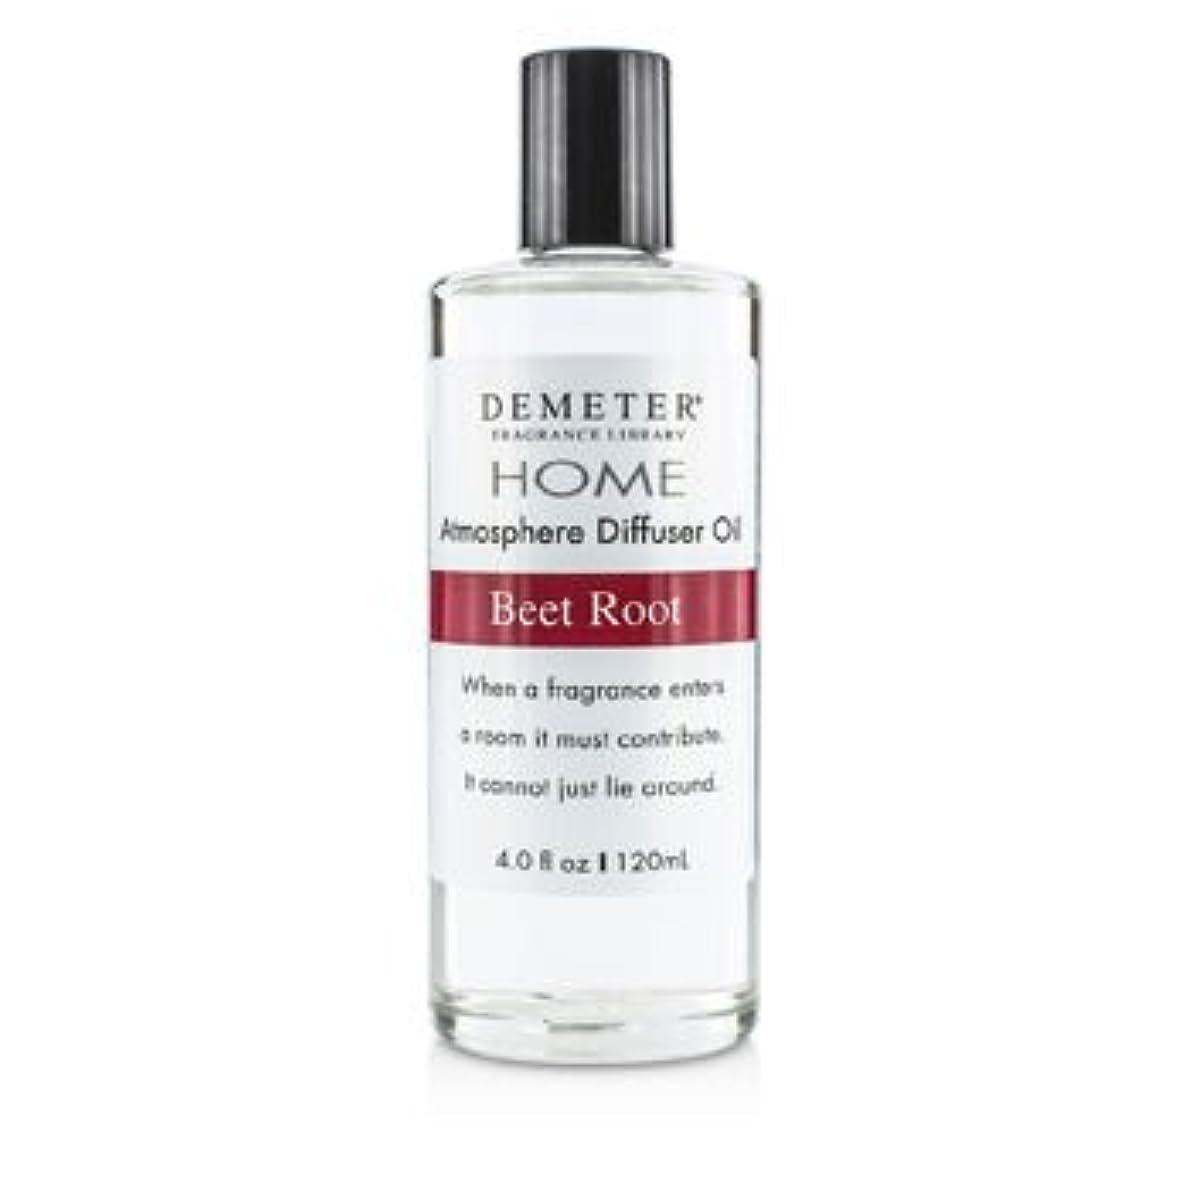 起訴する機動子[Demeter] Atmosphere Diffuser Oil - Beet Root 120ml/4oz